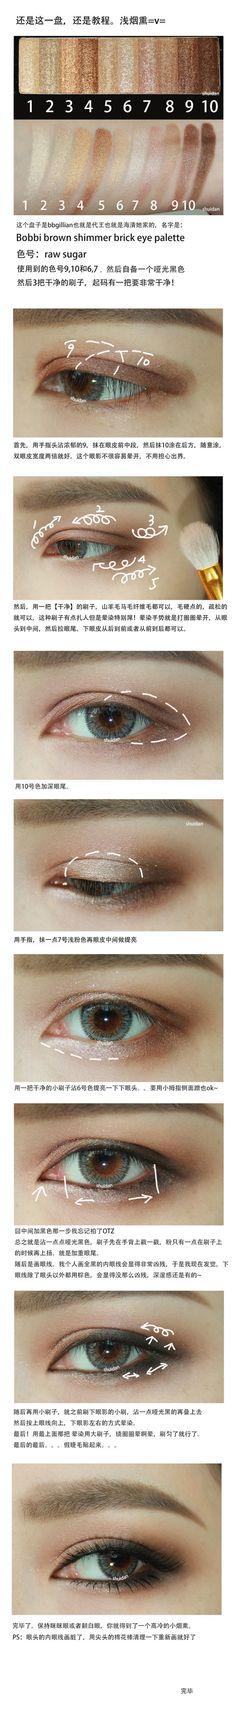 Chinese Eye make-up Tutorial using Brown Toned Eye Shadows~